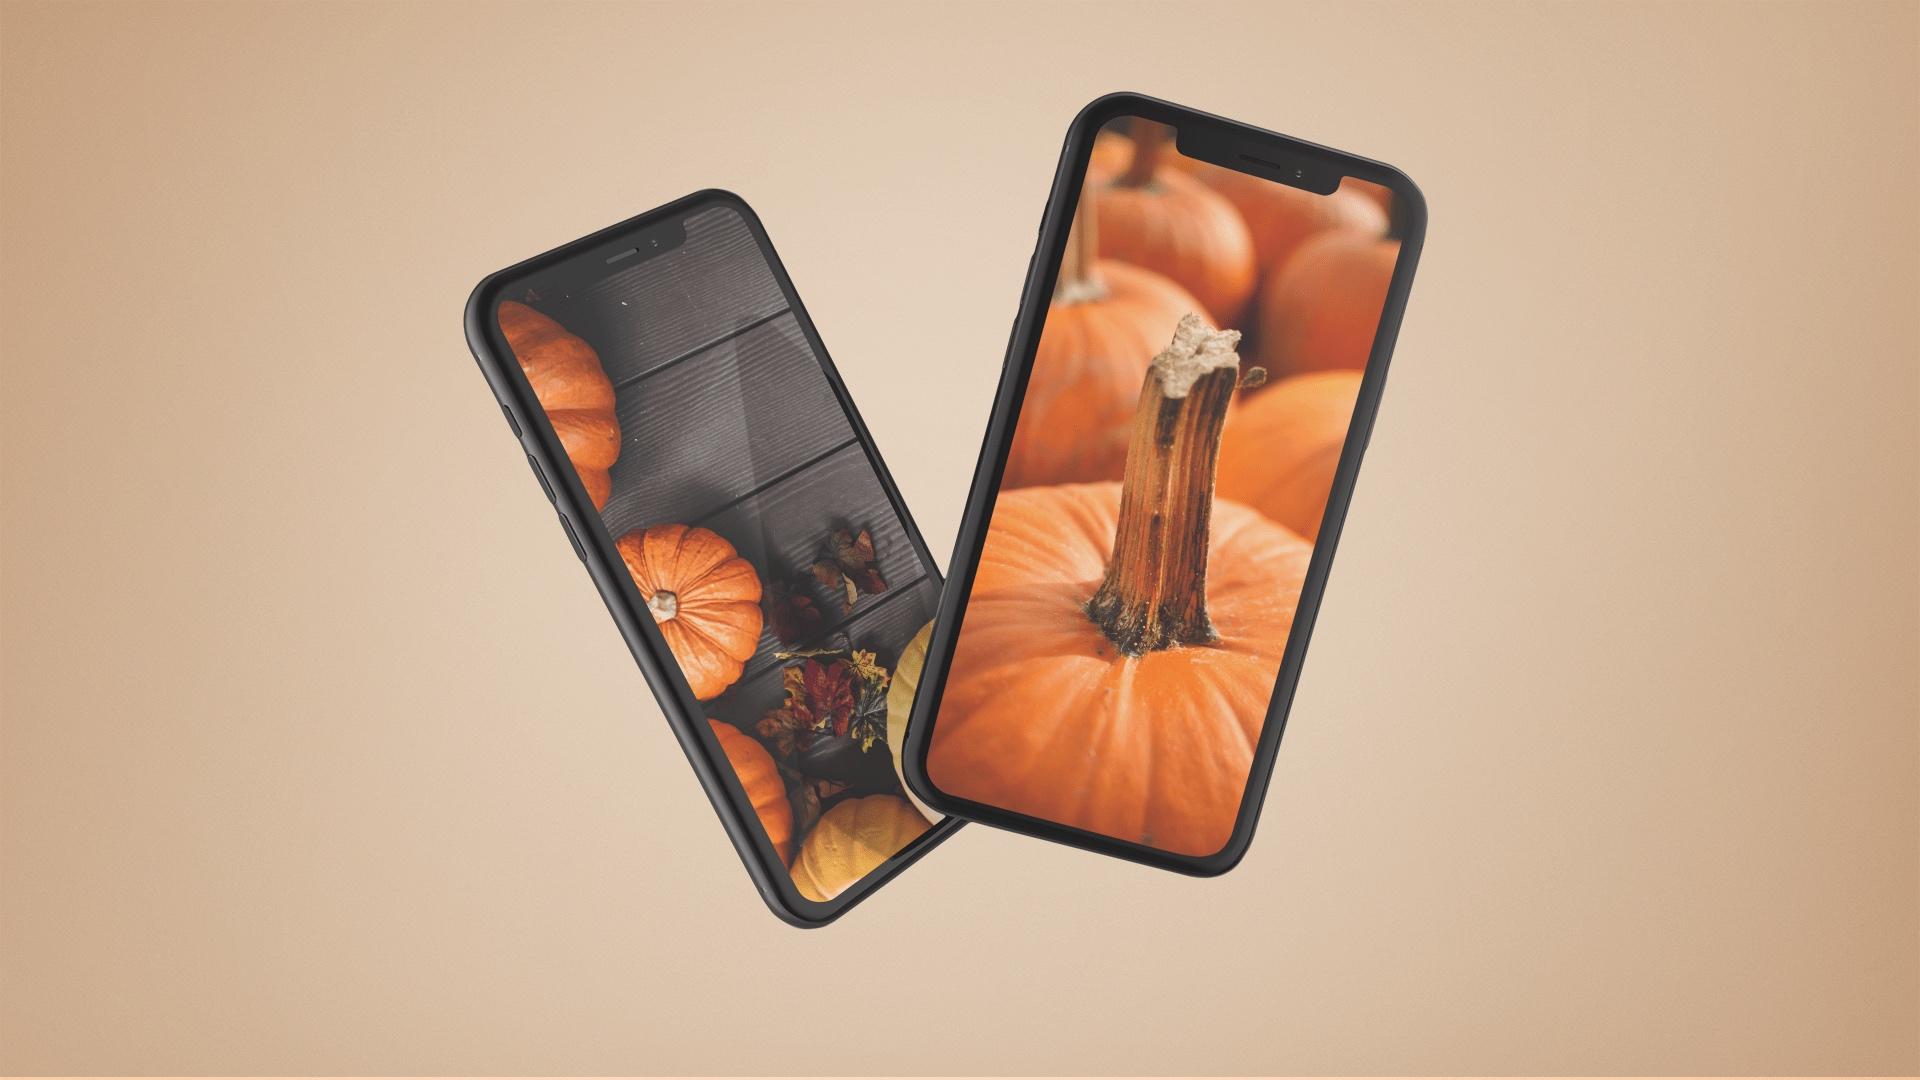 Orange pumpkin wallpapers for iPhone